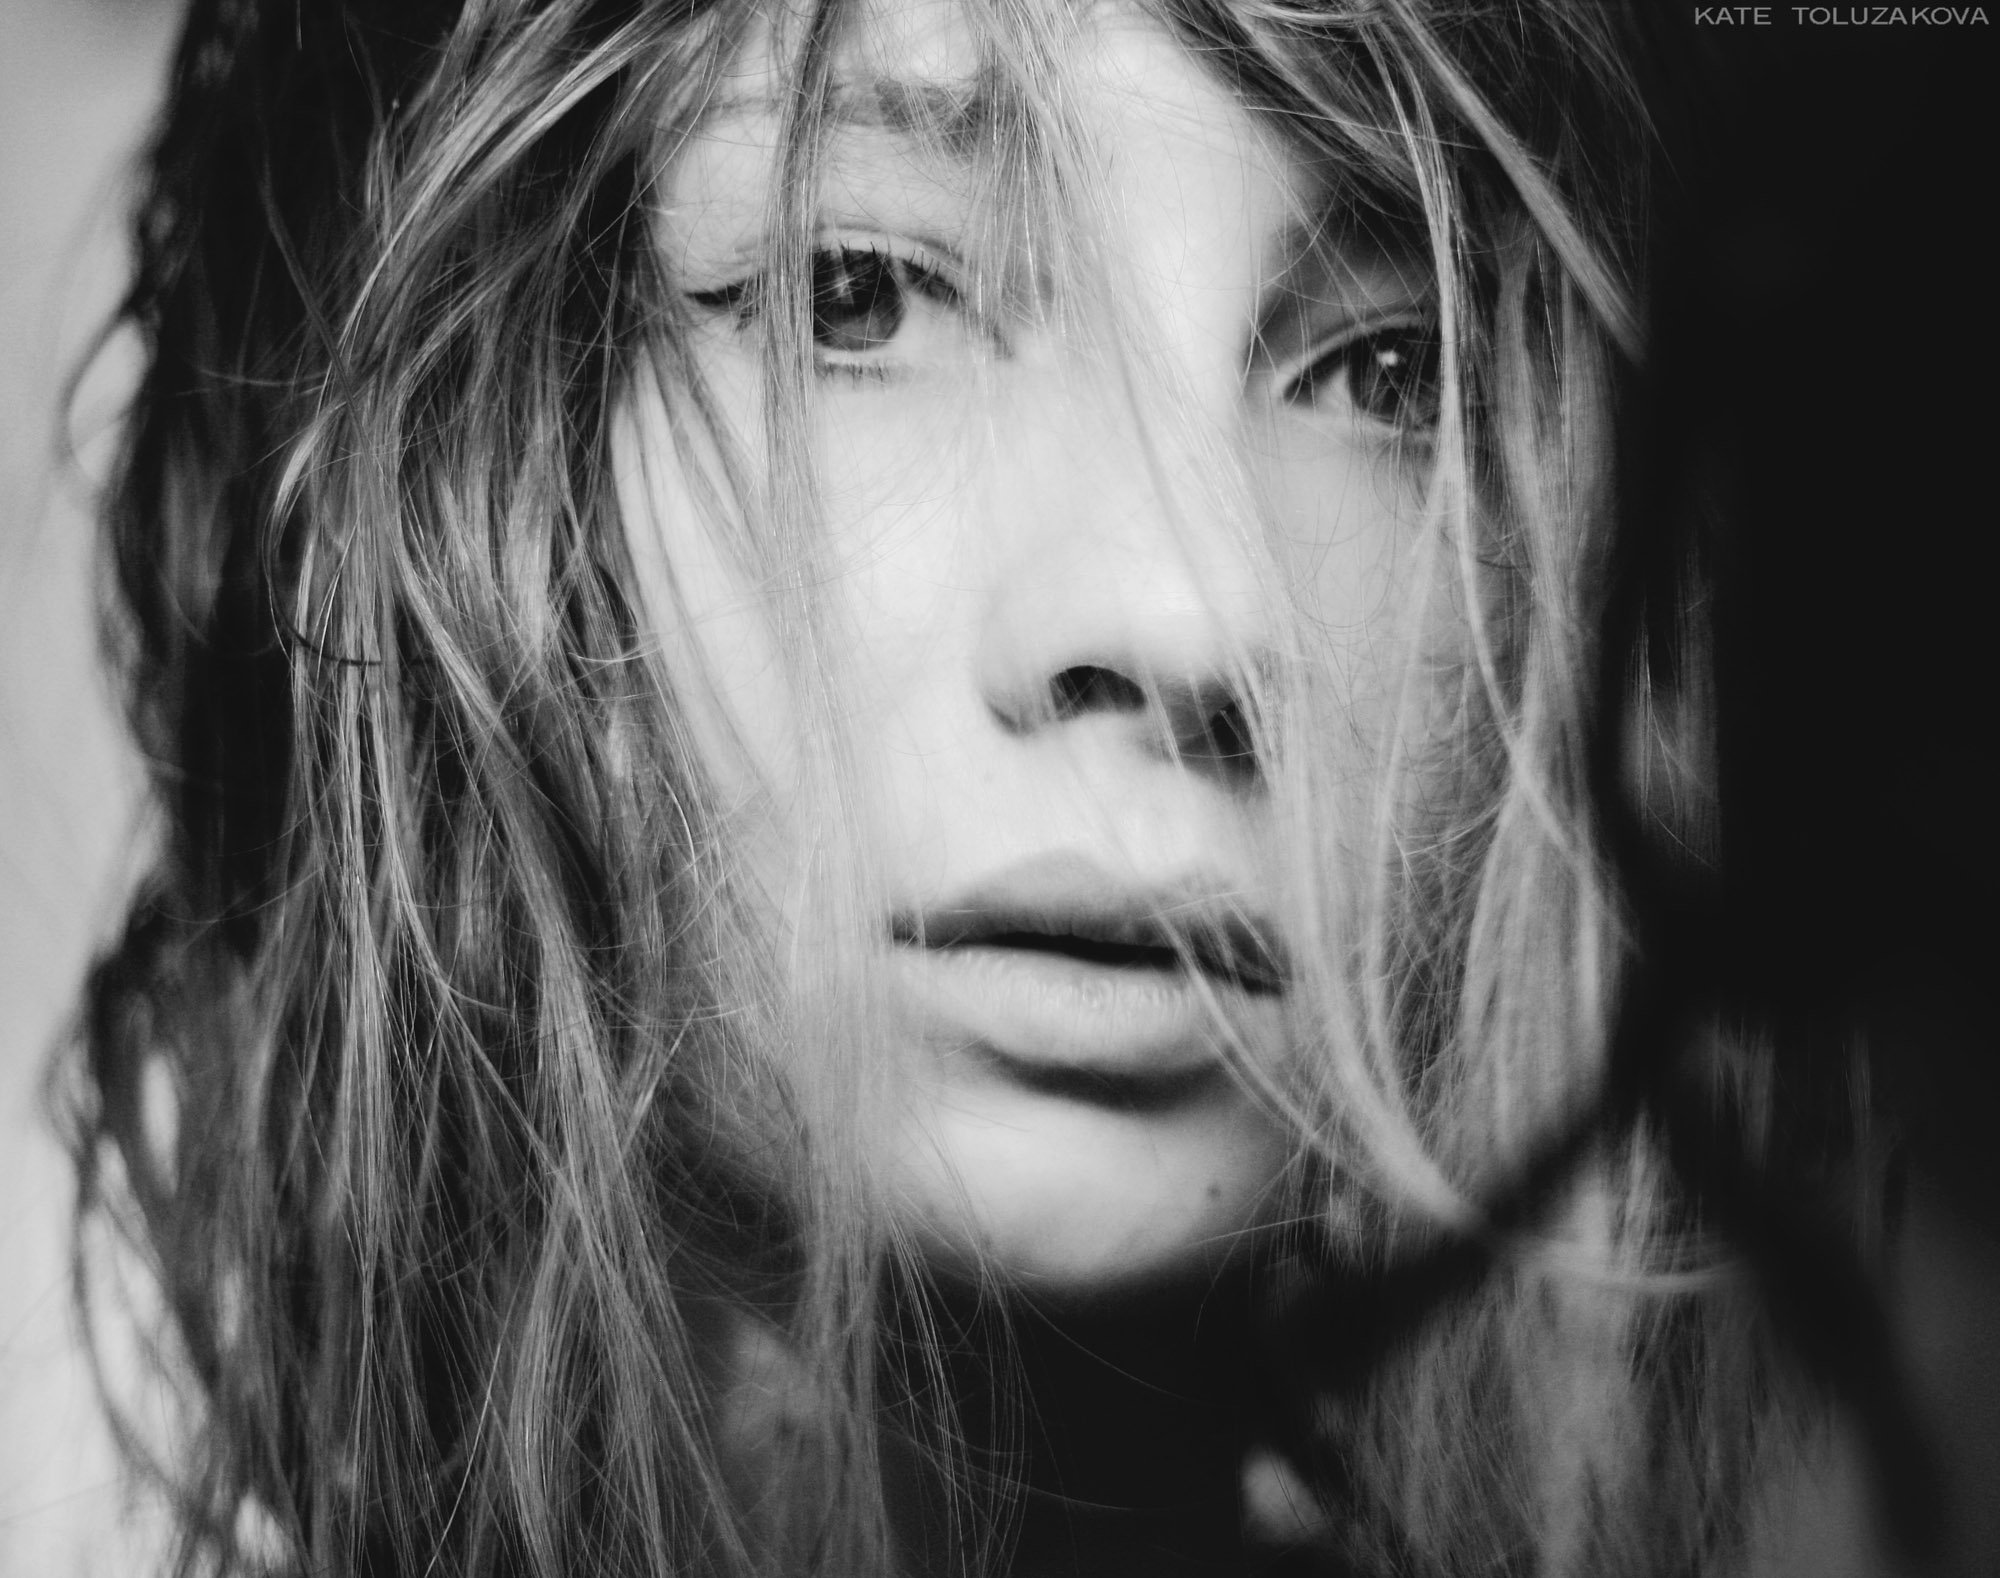 автопортрет,девушка,волосы,локоны,нежность,загадочность,self-portrait, girl, hairs, curls, tenderness, inscrutability,, Екатерина